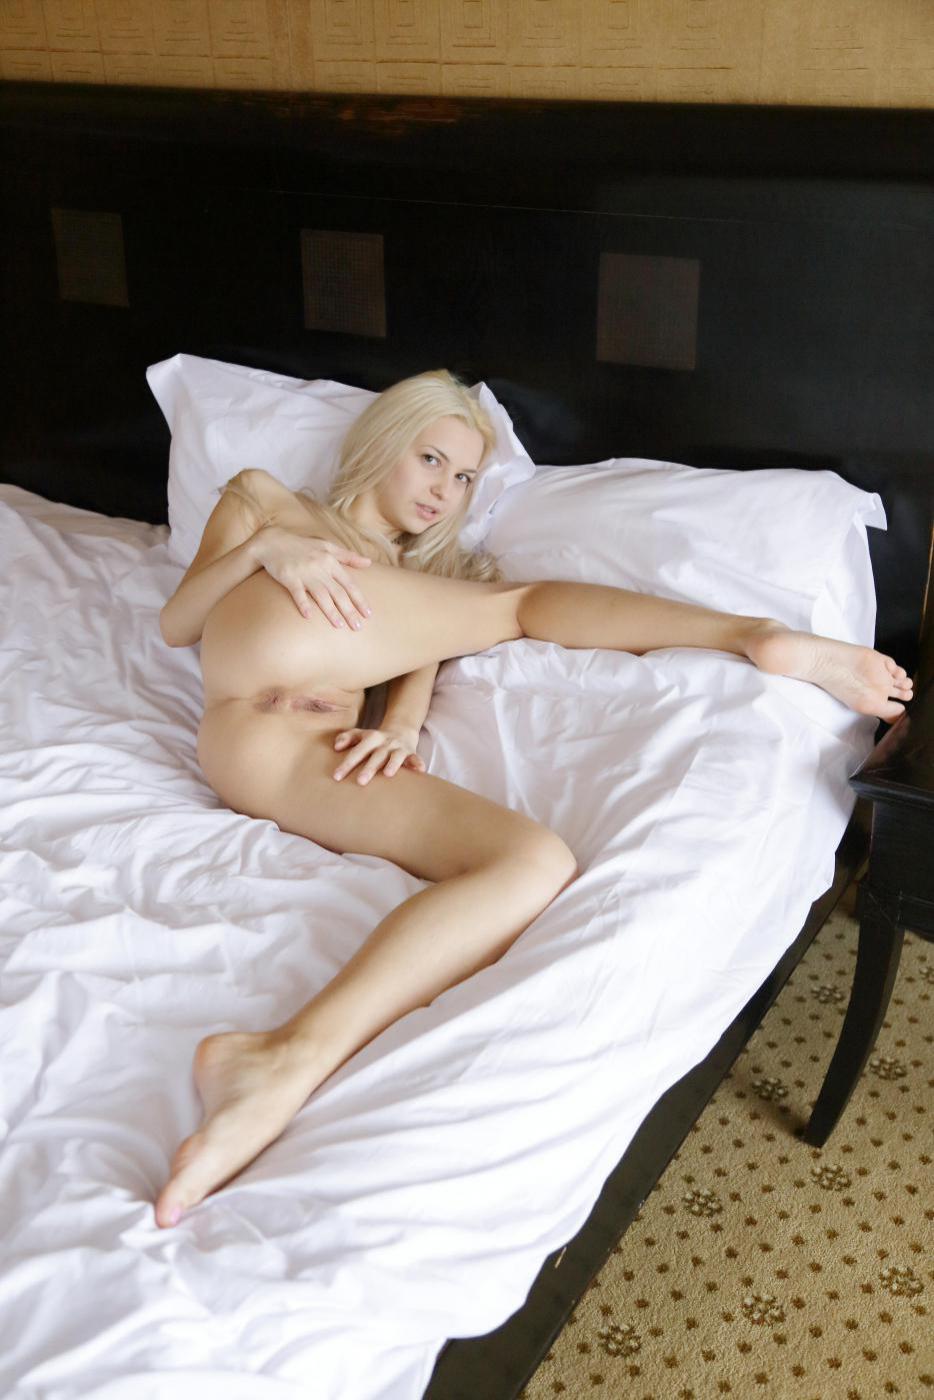 Блондинка с маленькими сиськами и бритой киской - Vika D, демонстрирует горячее голое тело